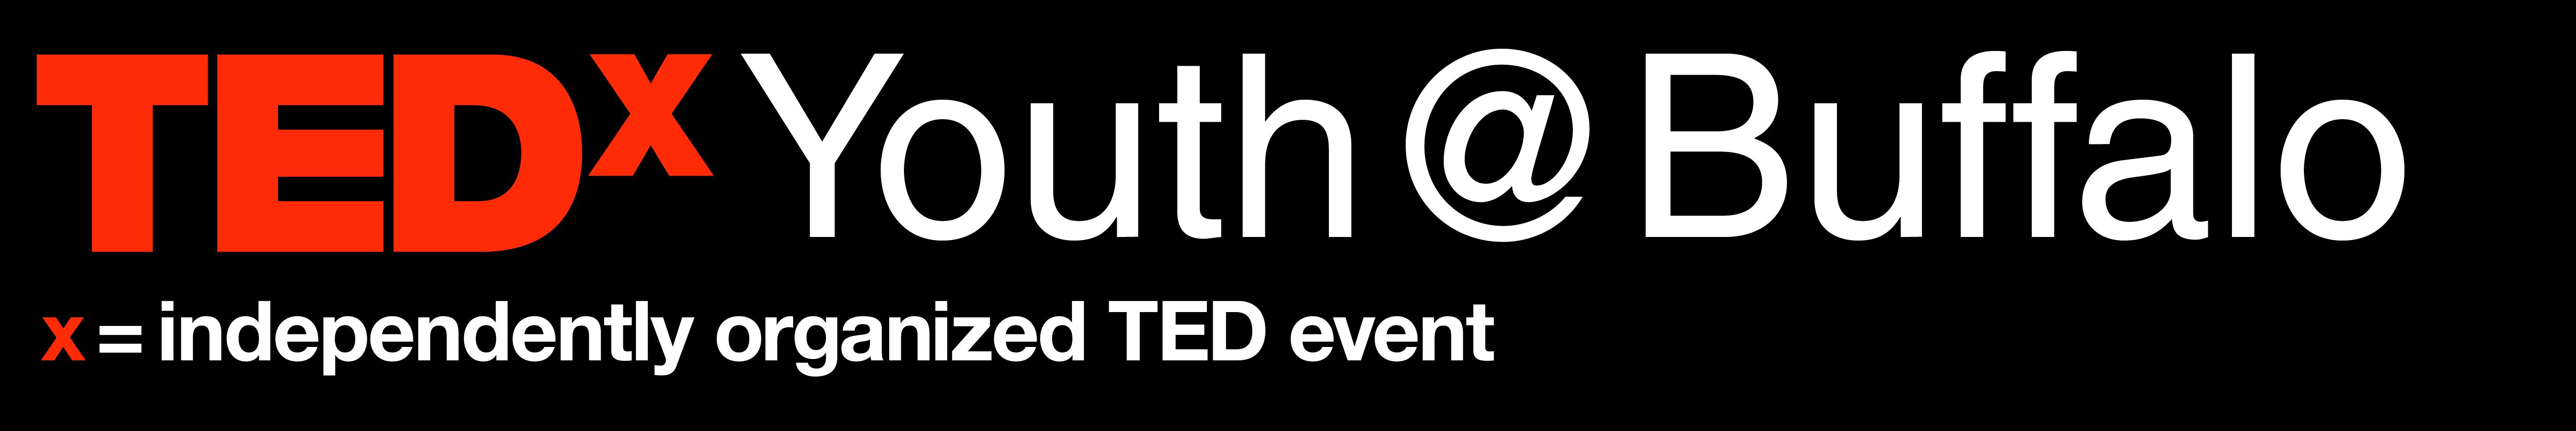 Attending Events Privacy Facebook Tedxyouthblackbackgroundcopy